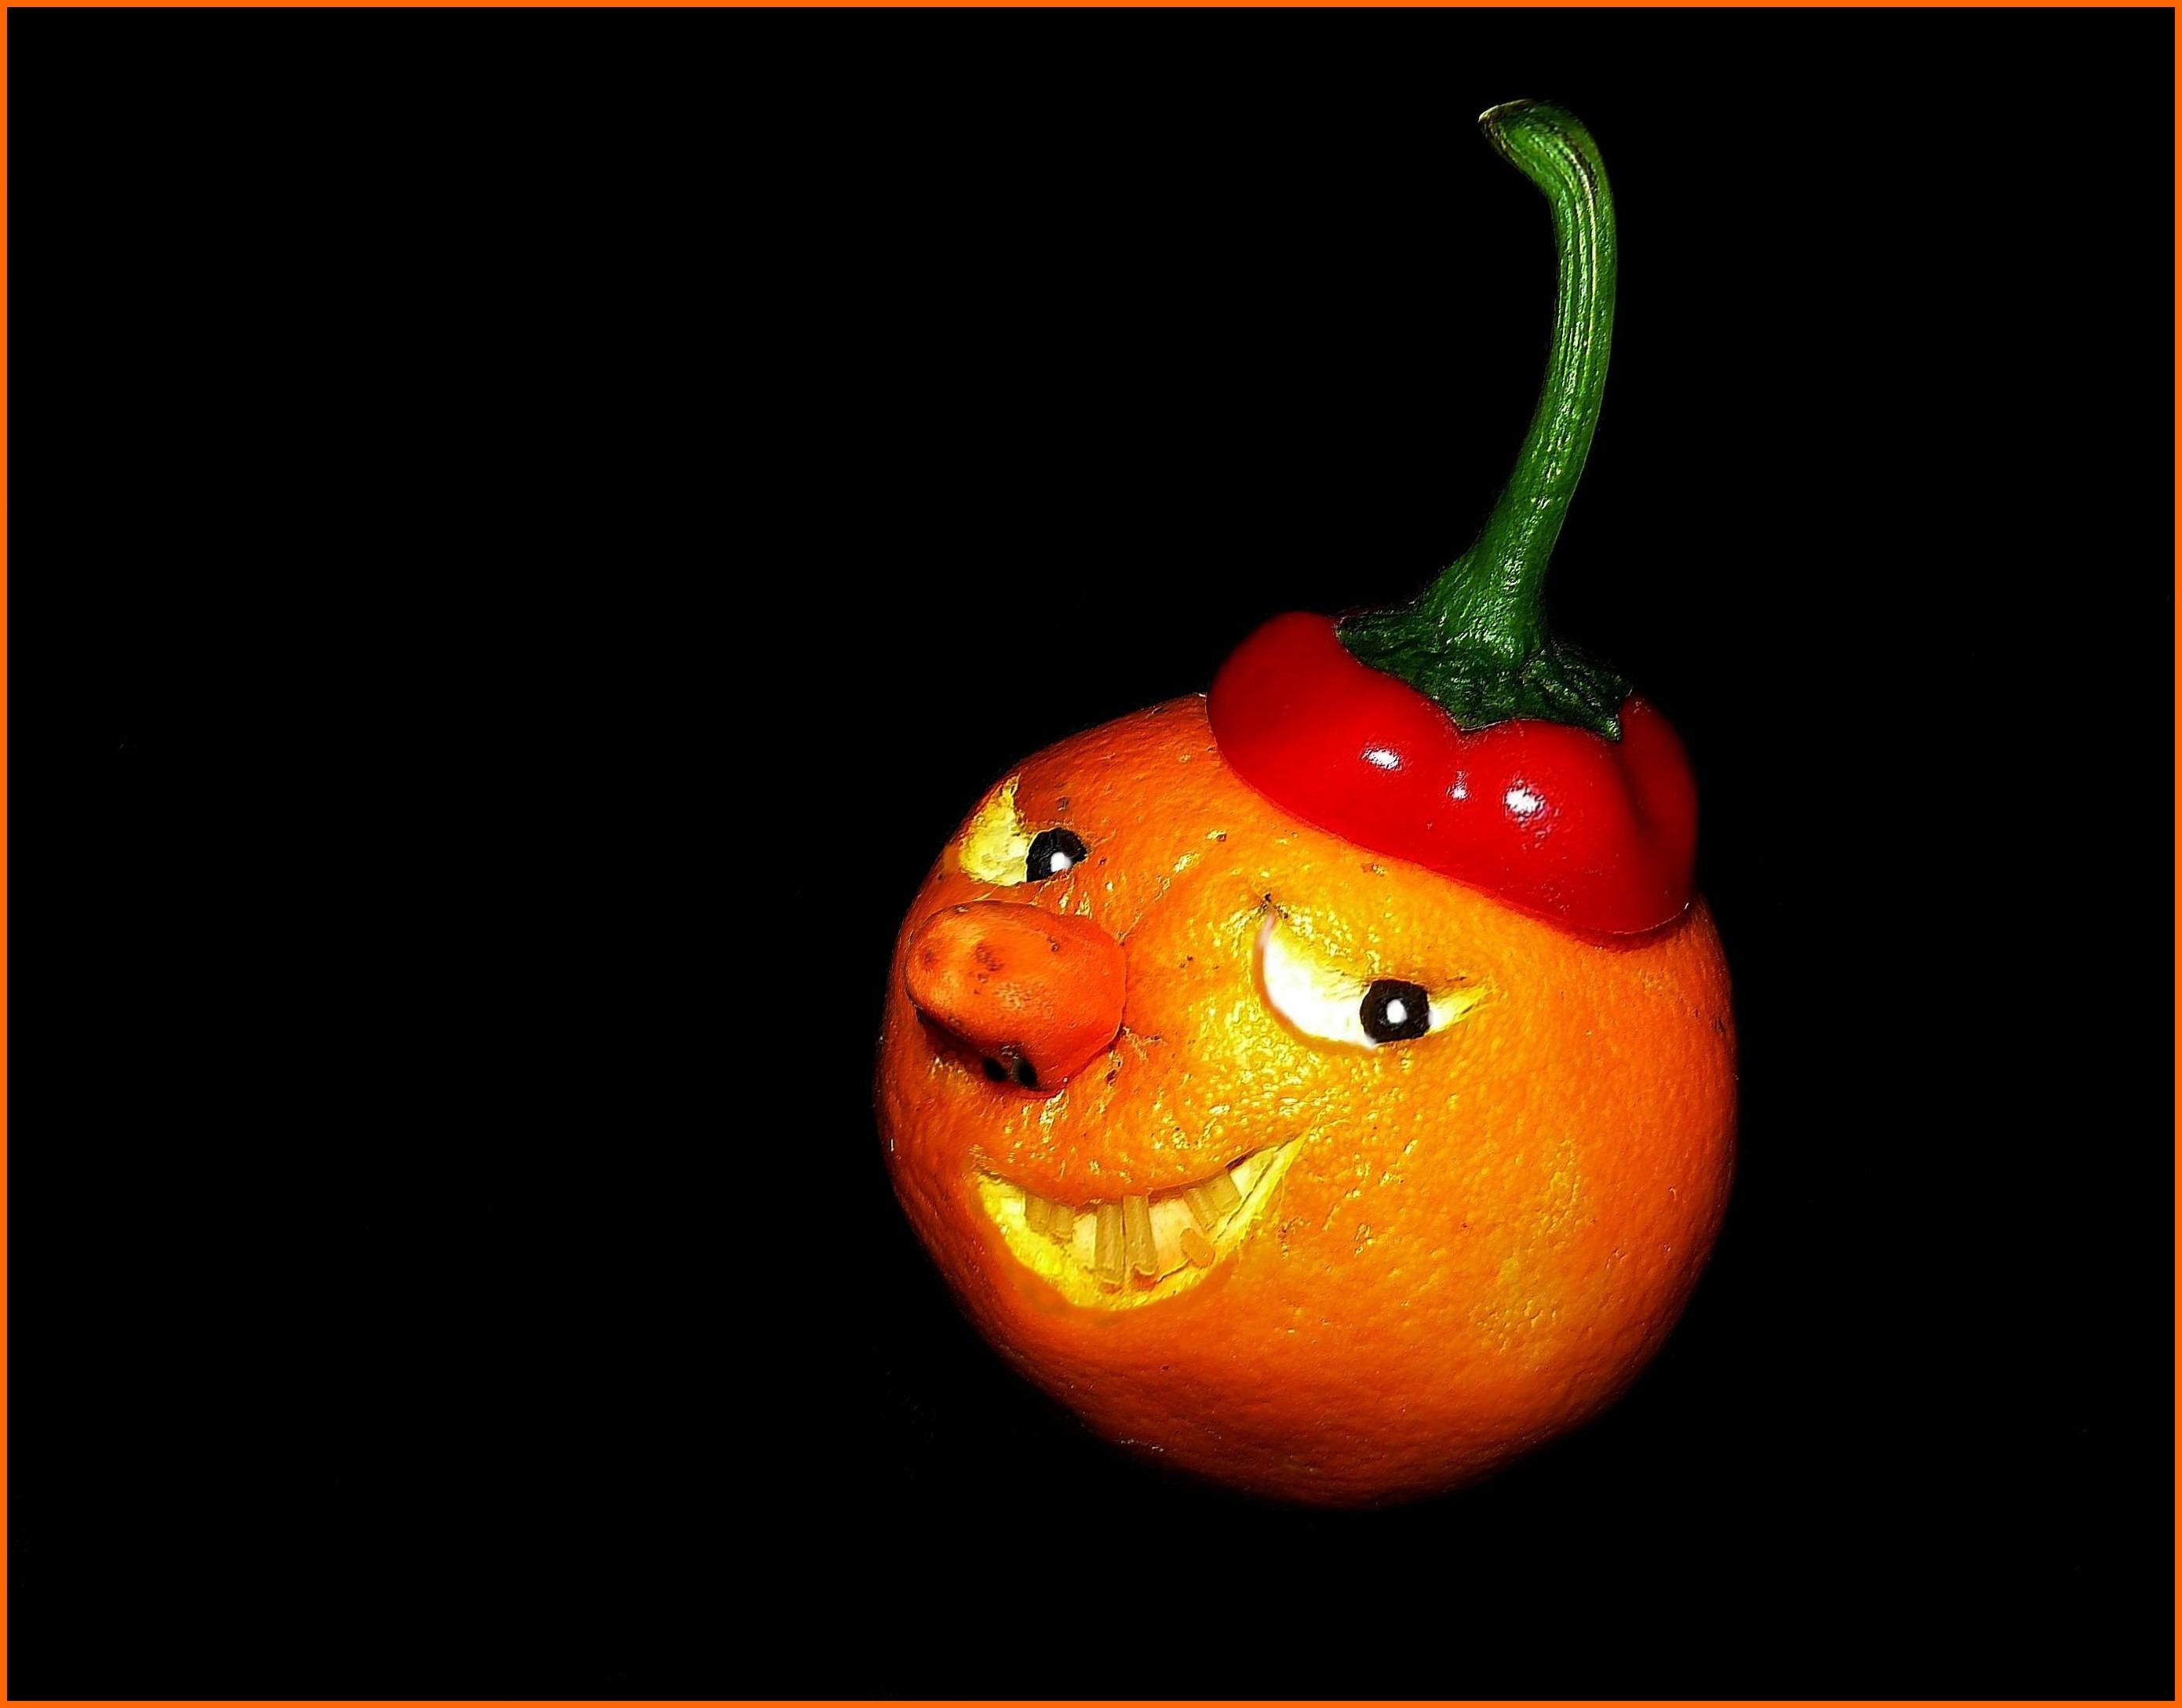 Images Gratuites : décoration, Orange, aliments, produire, légume on